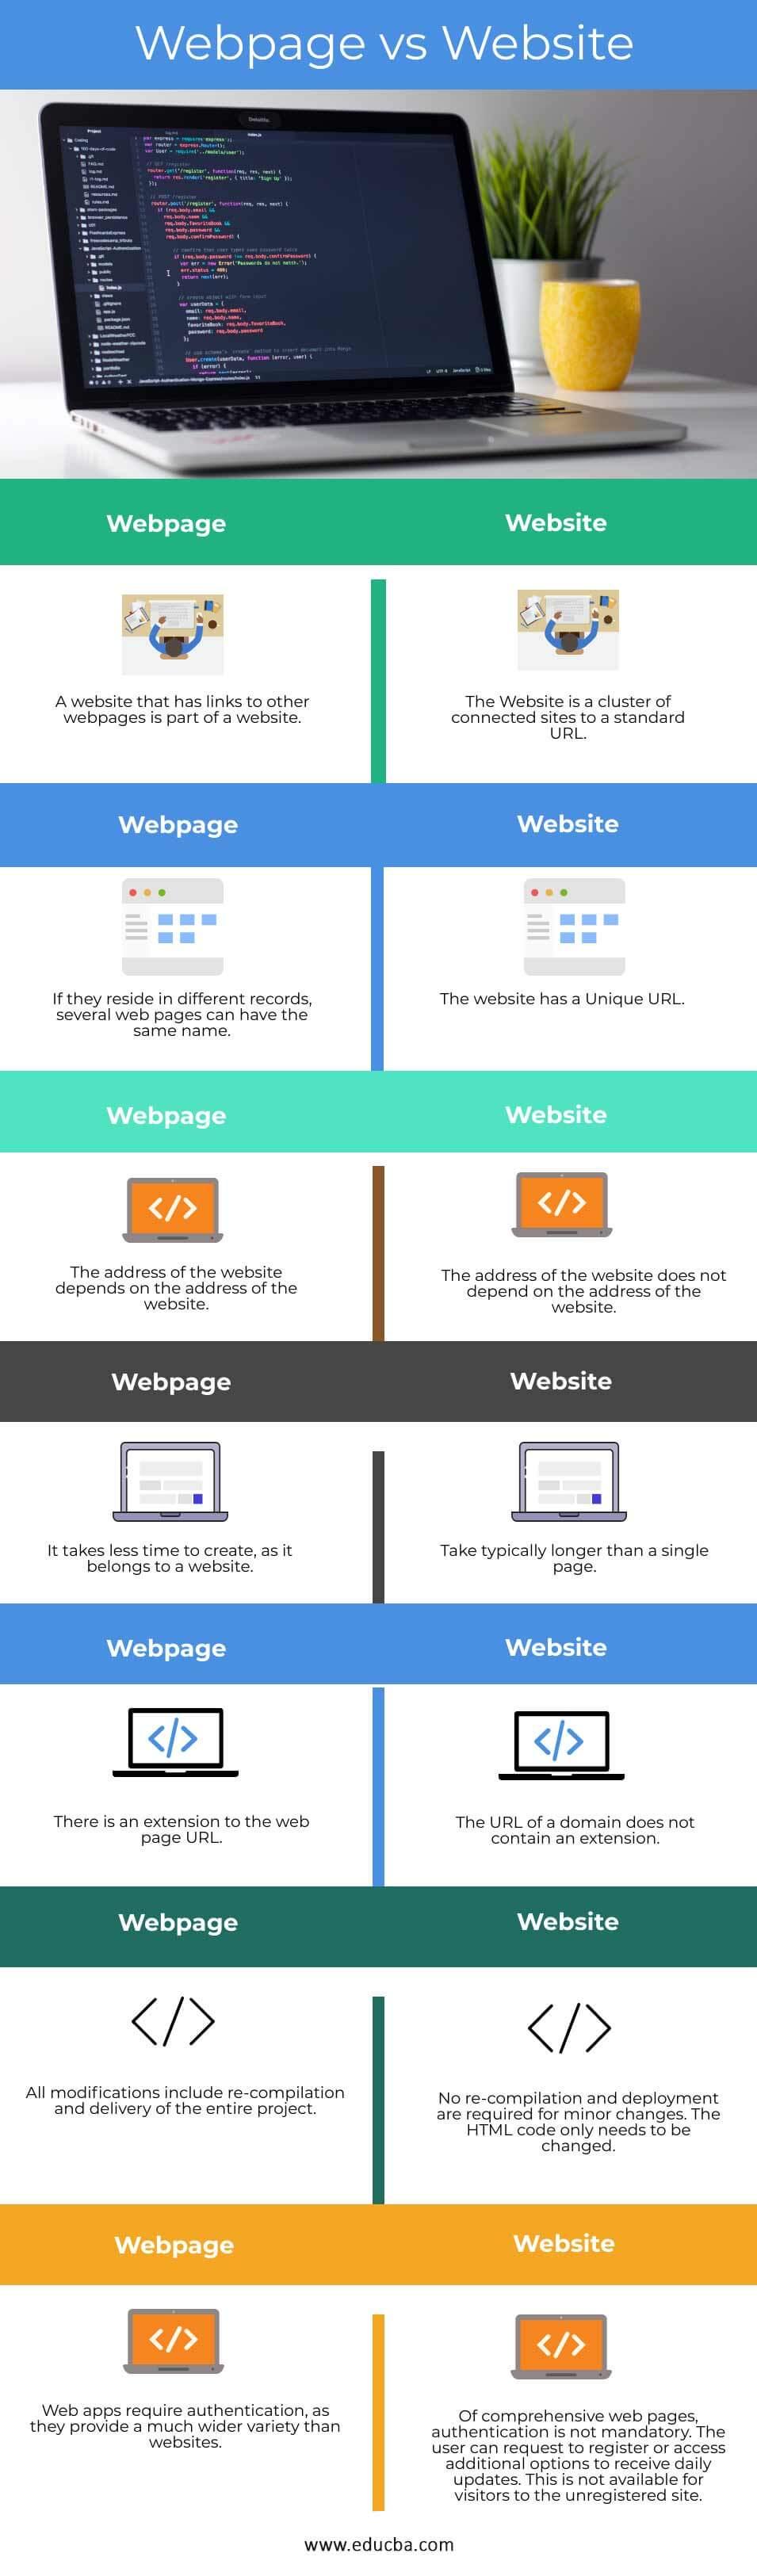 Webpage-vs-Website-info